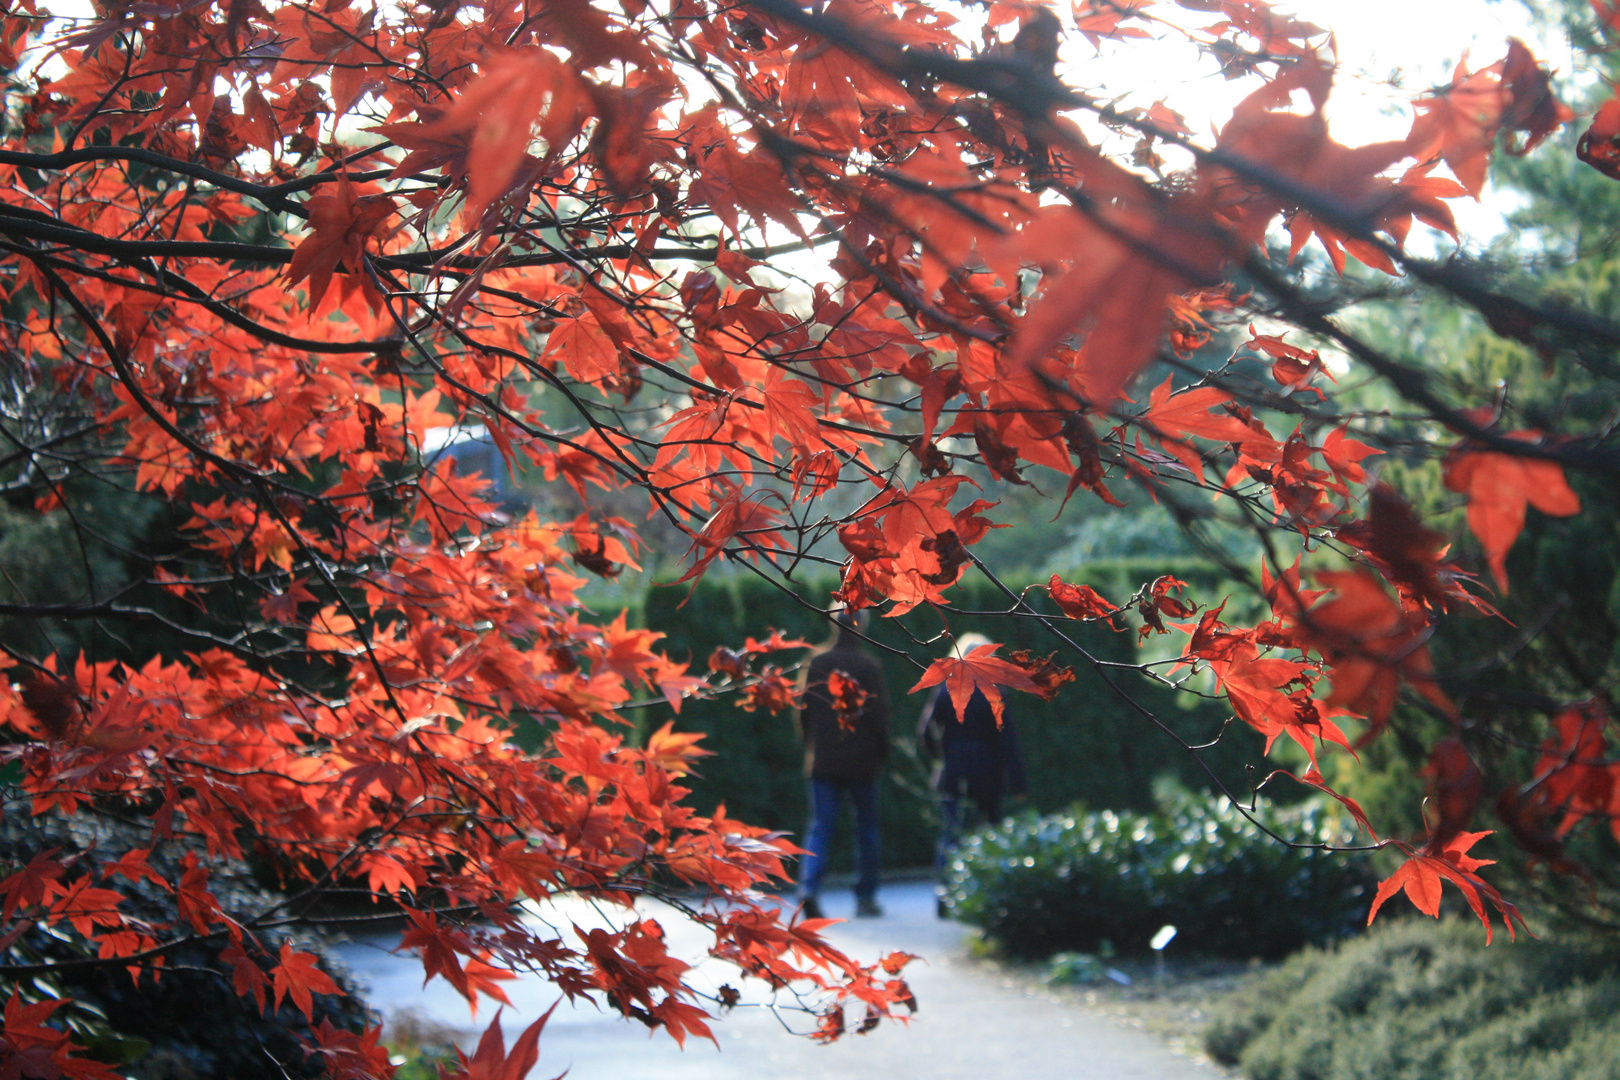 brennende Blätter